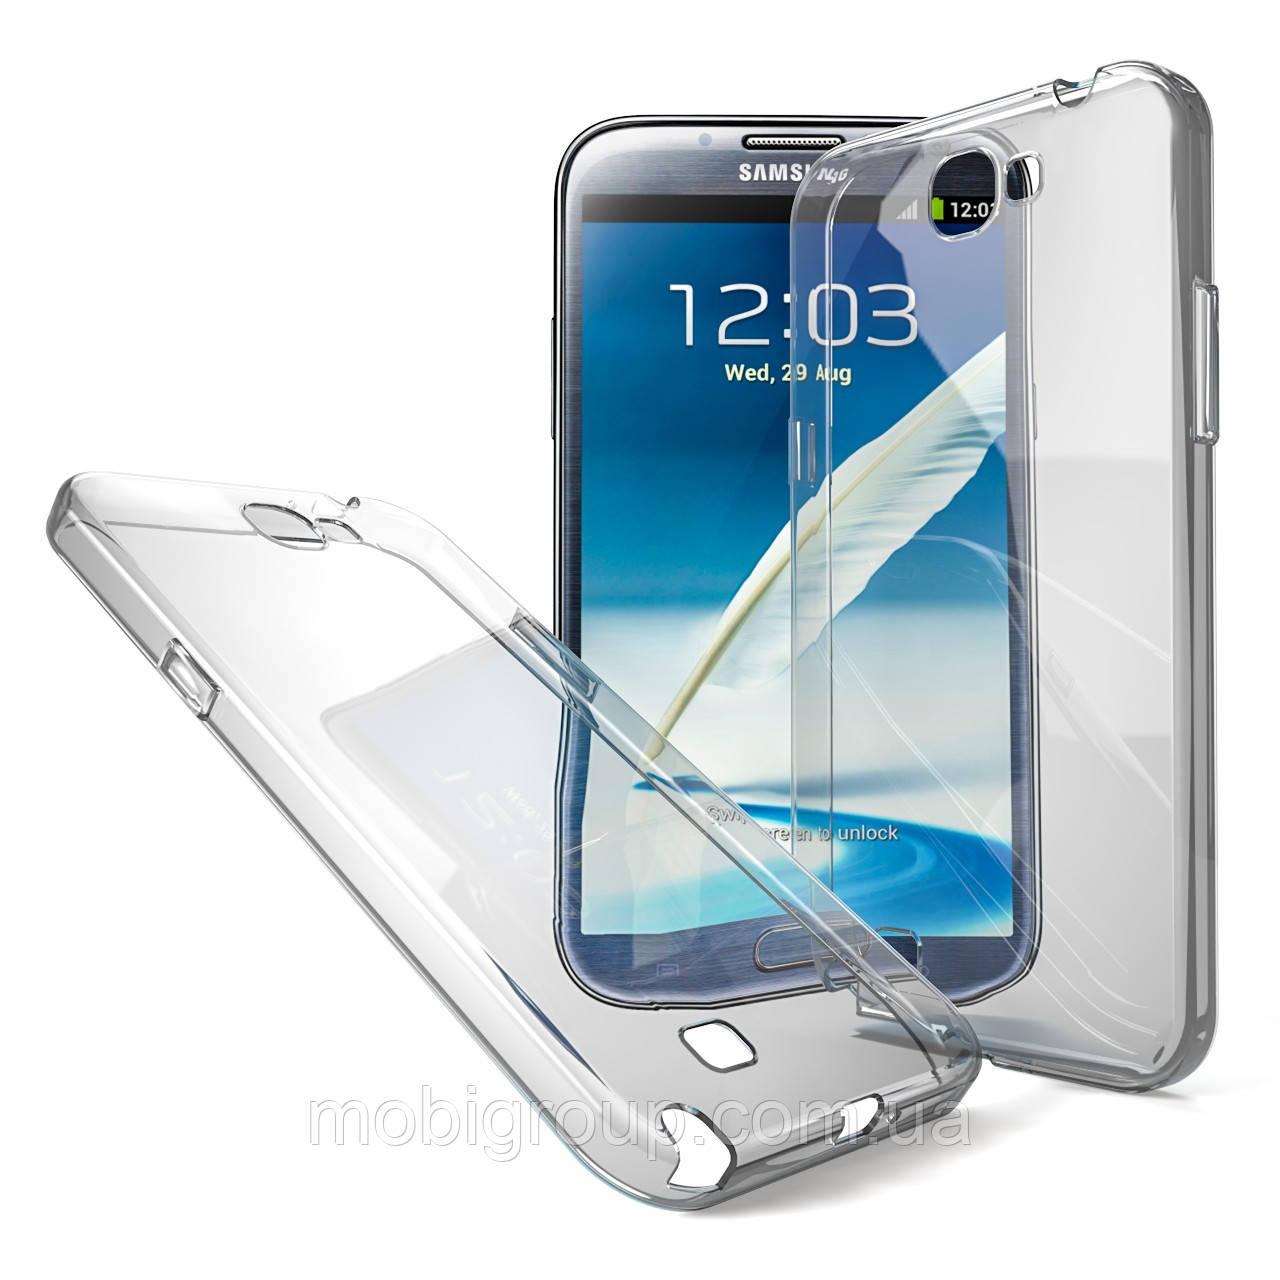 Чехол силиконовый прозрачный для Samsung Note 2, 0.5mm